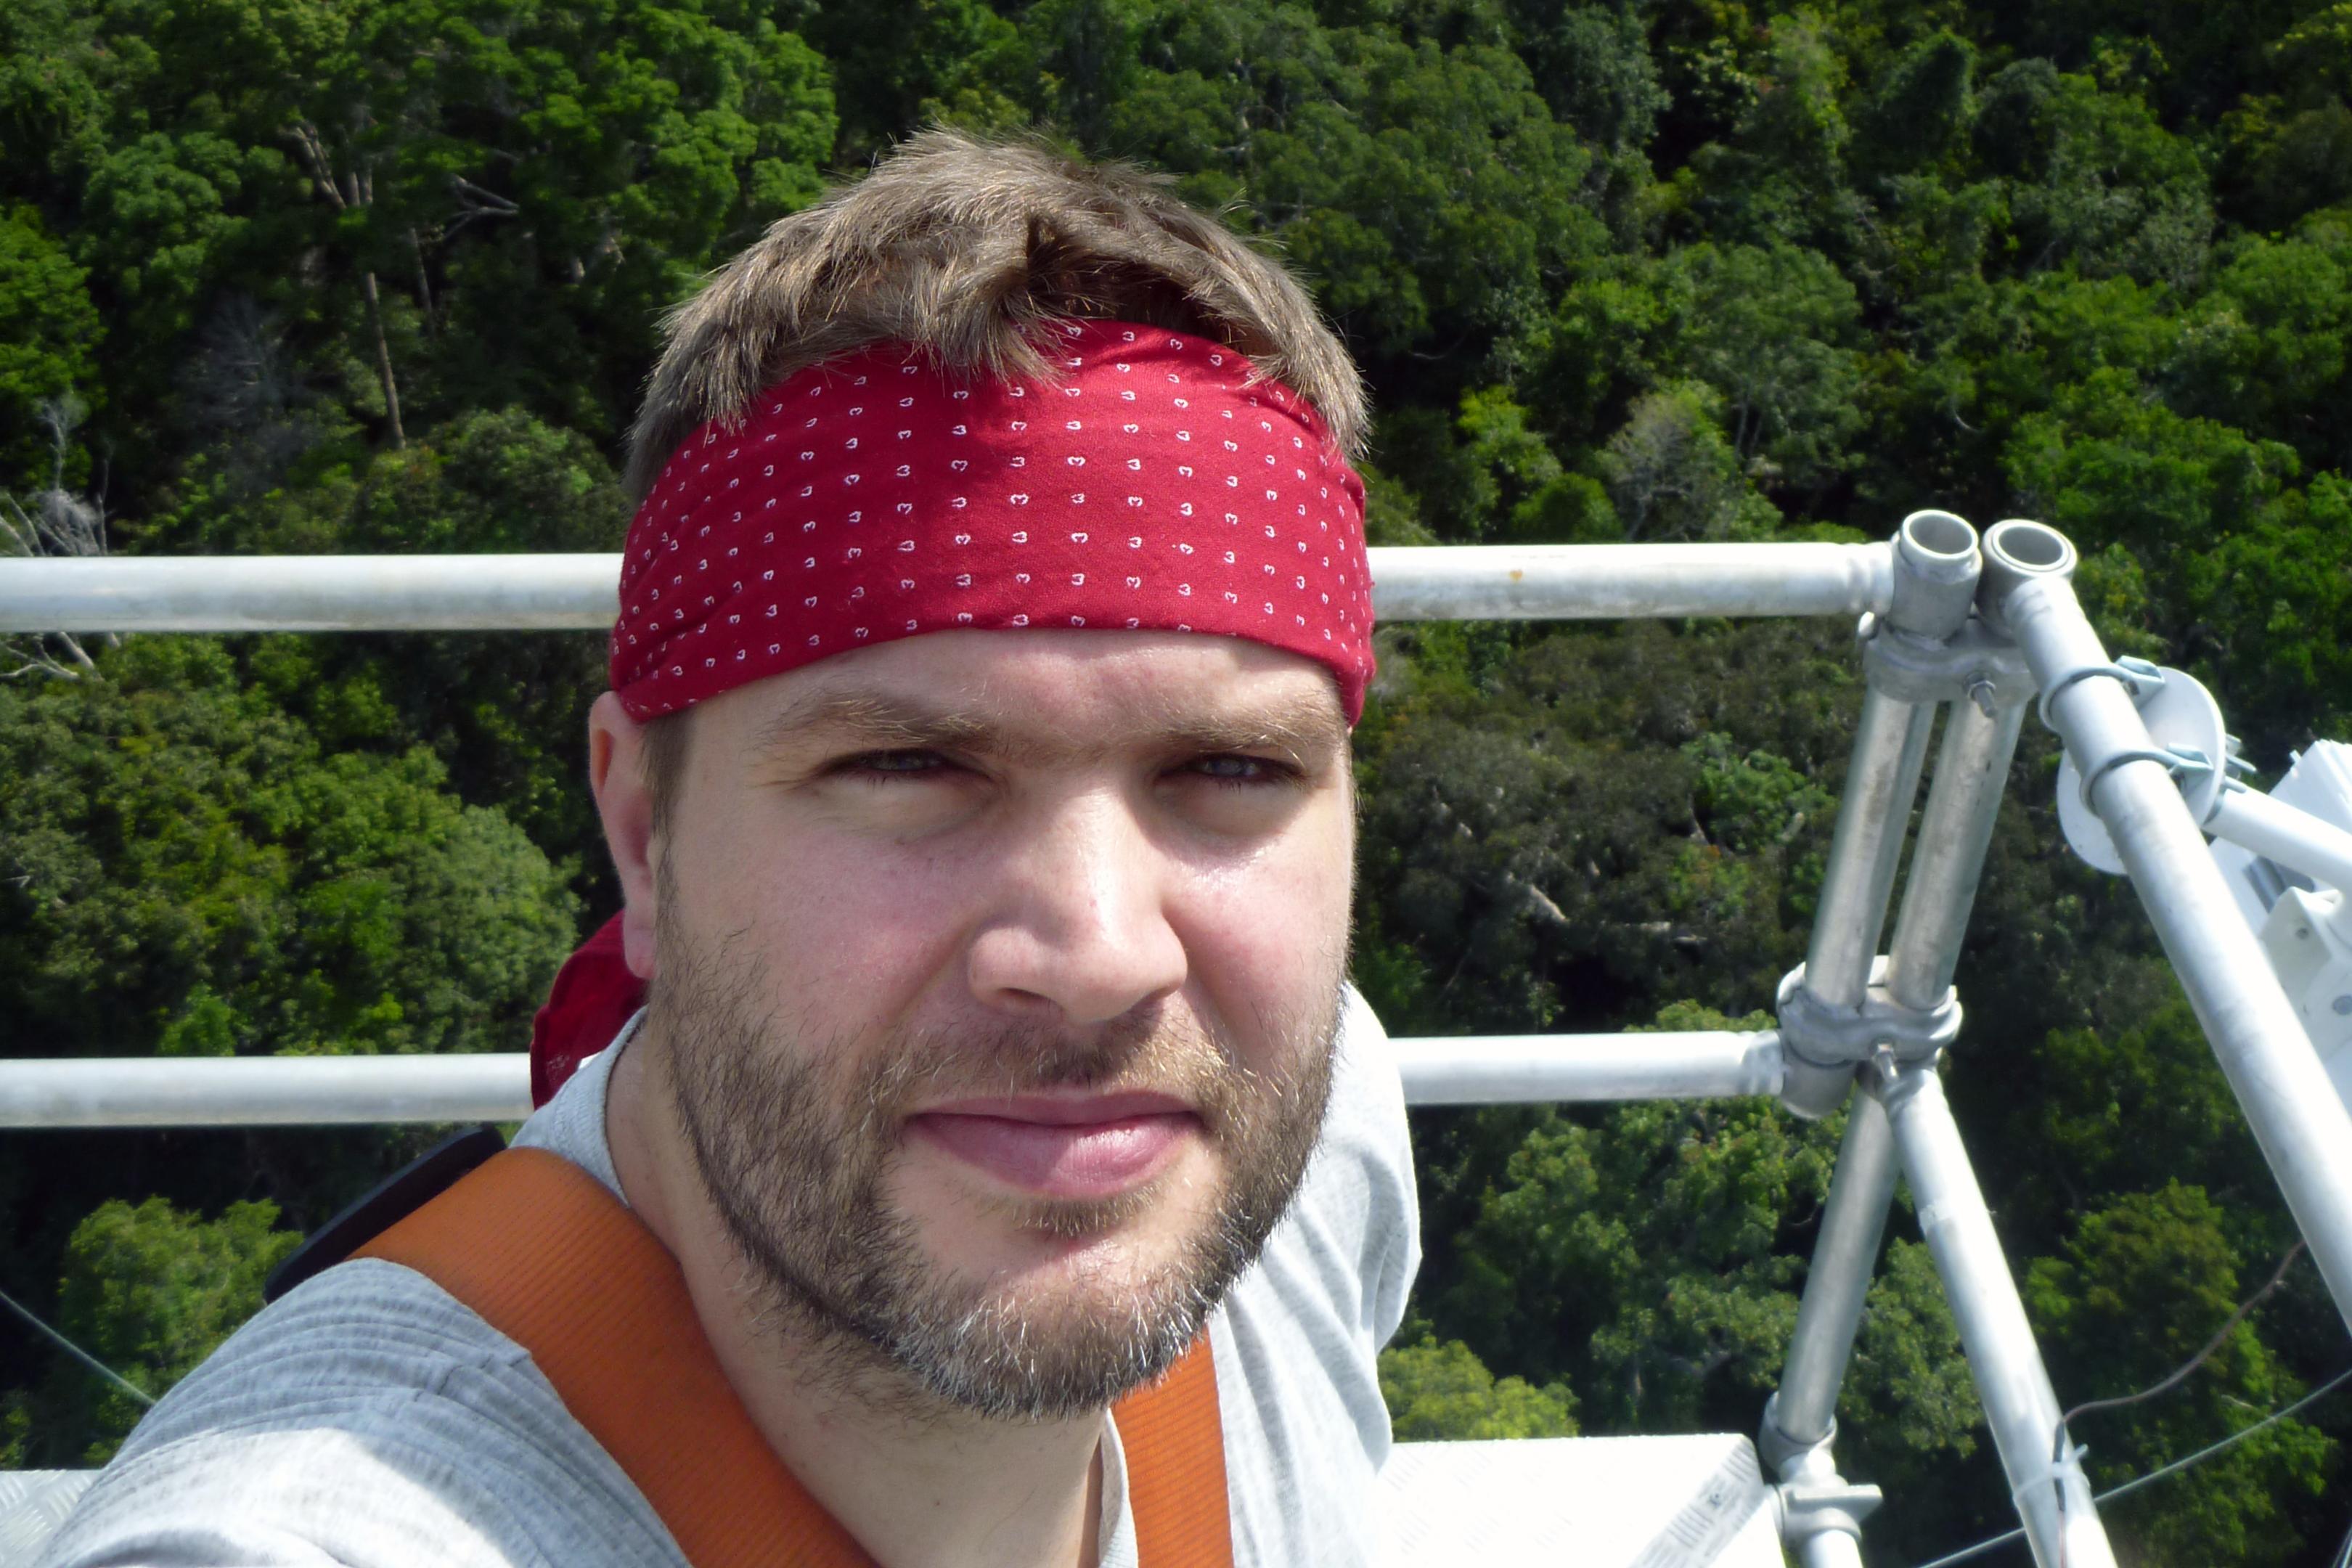 ATTO scientist Jost Lavric